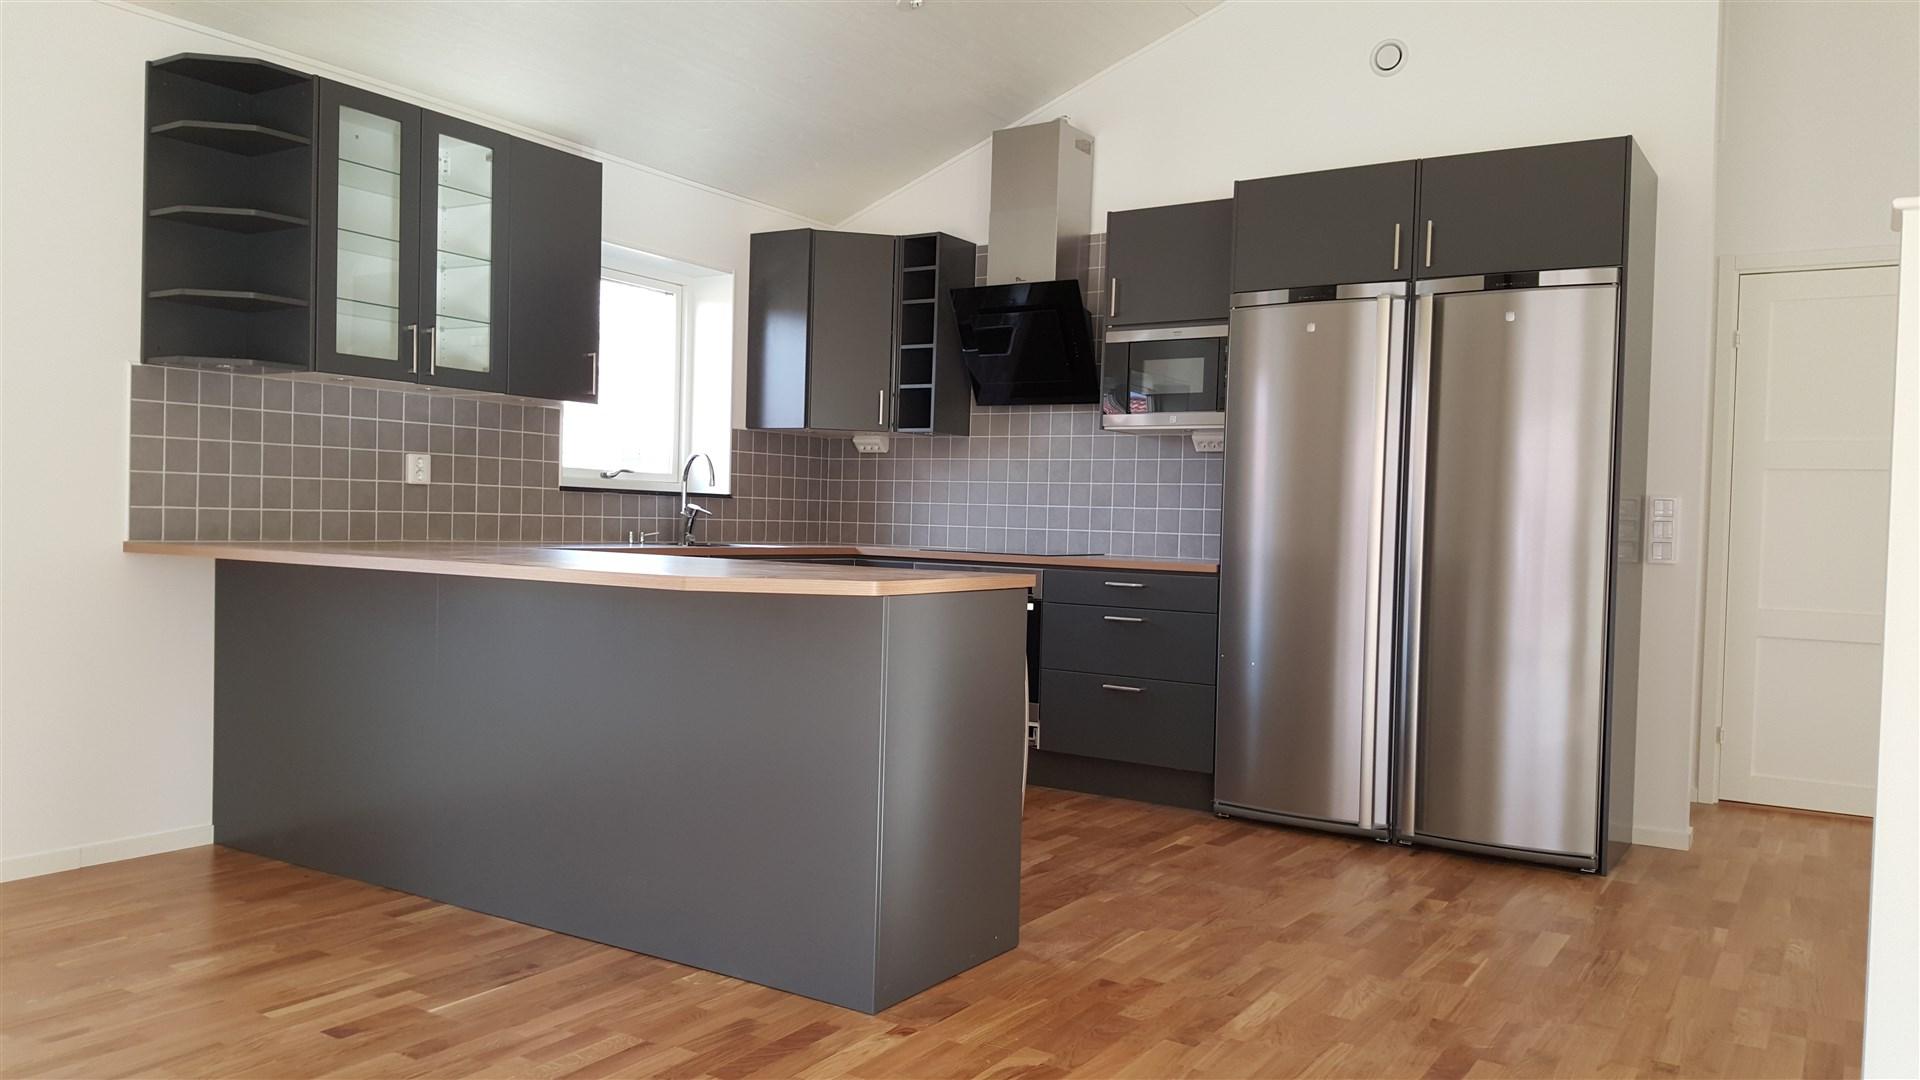 Exempel på alternativt kök som sattes in i andra huset som blev färdigställt.